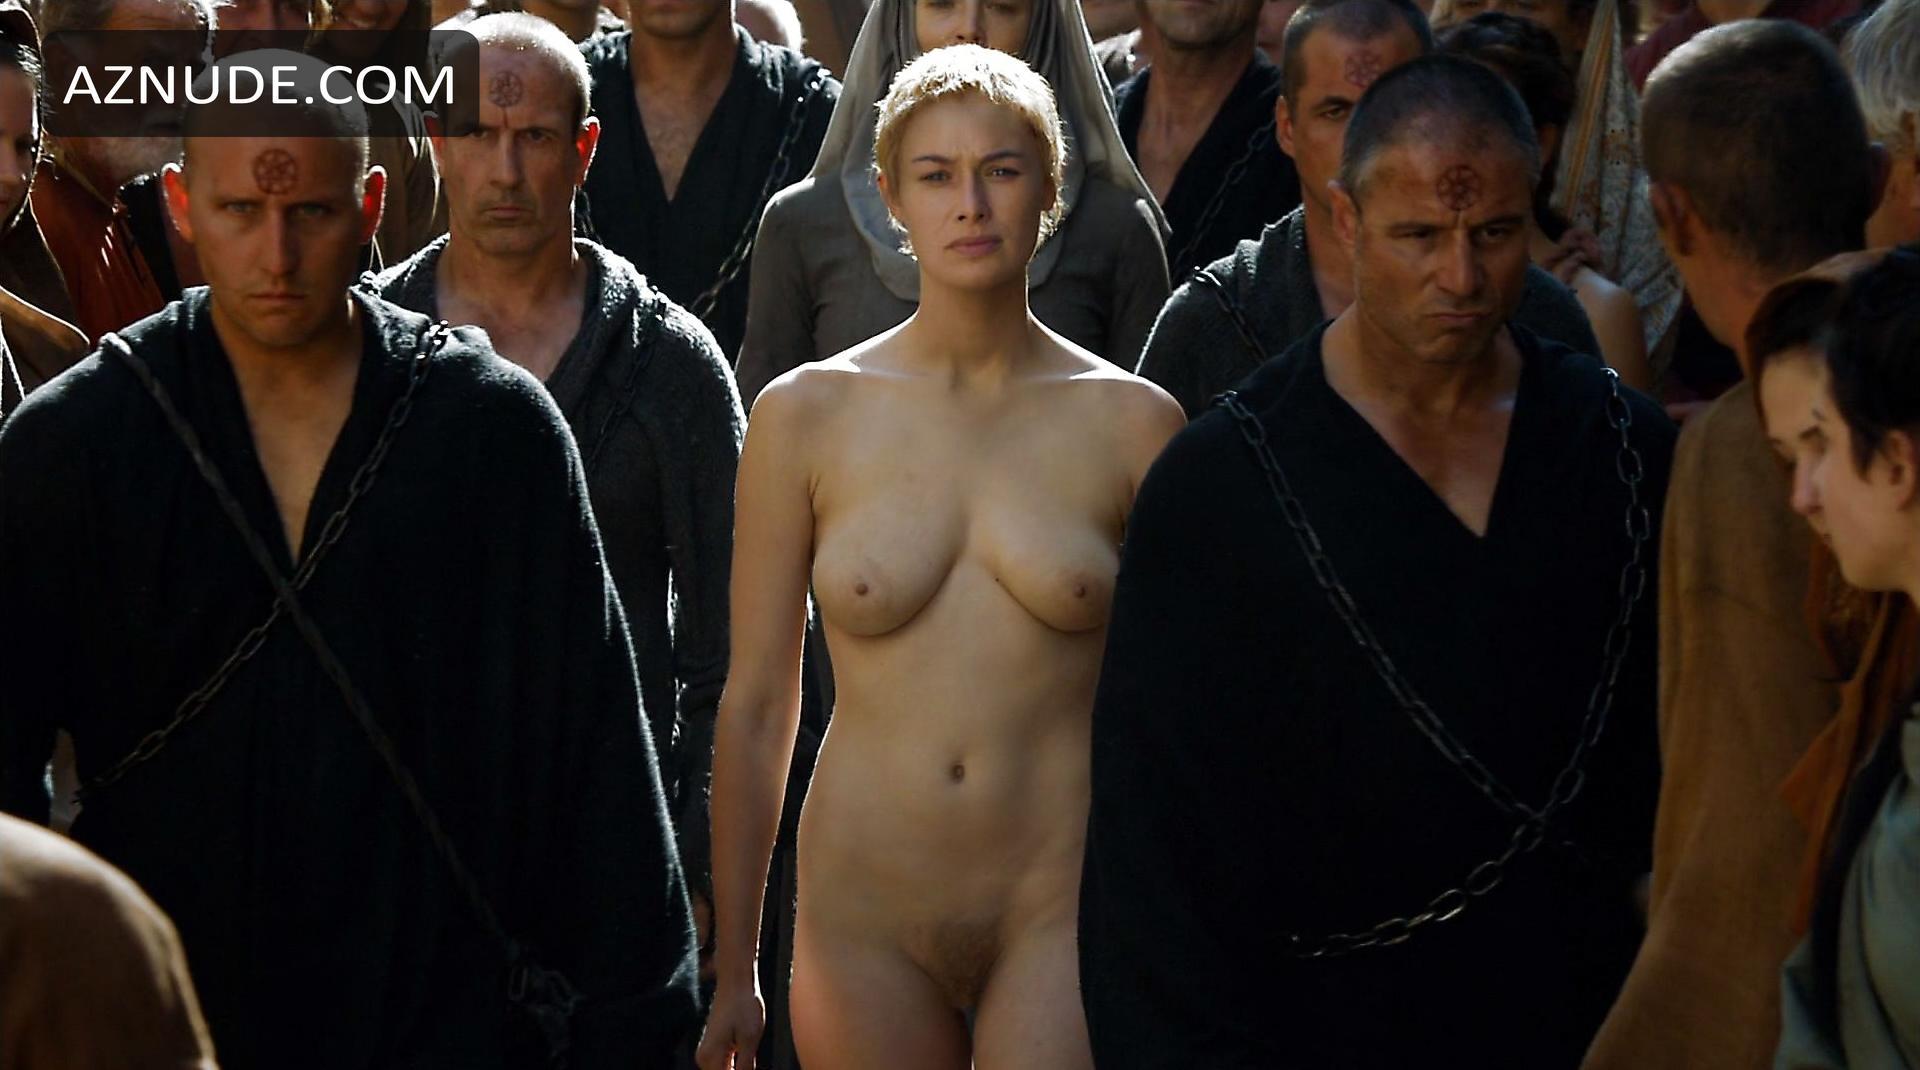 Amandine Klep Nue browse celebrity pub images - page 7 - aznude